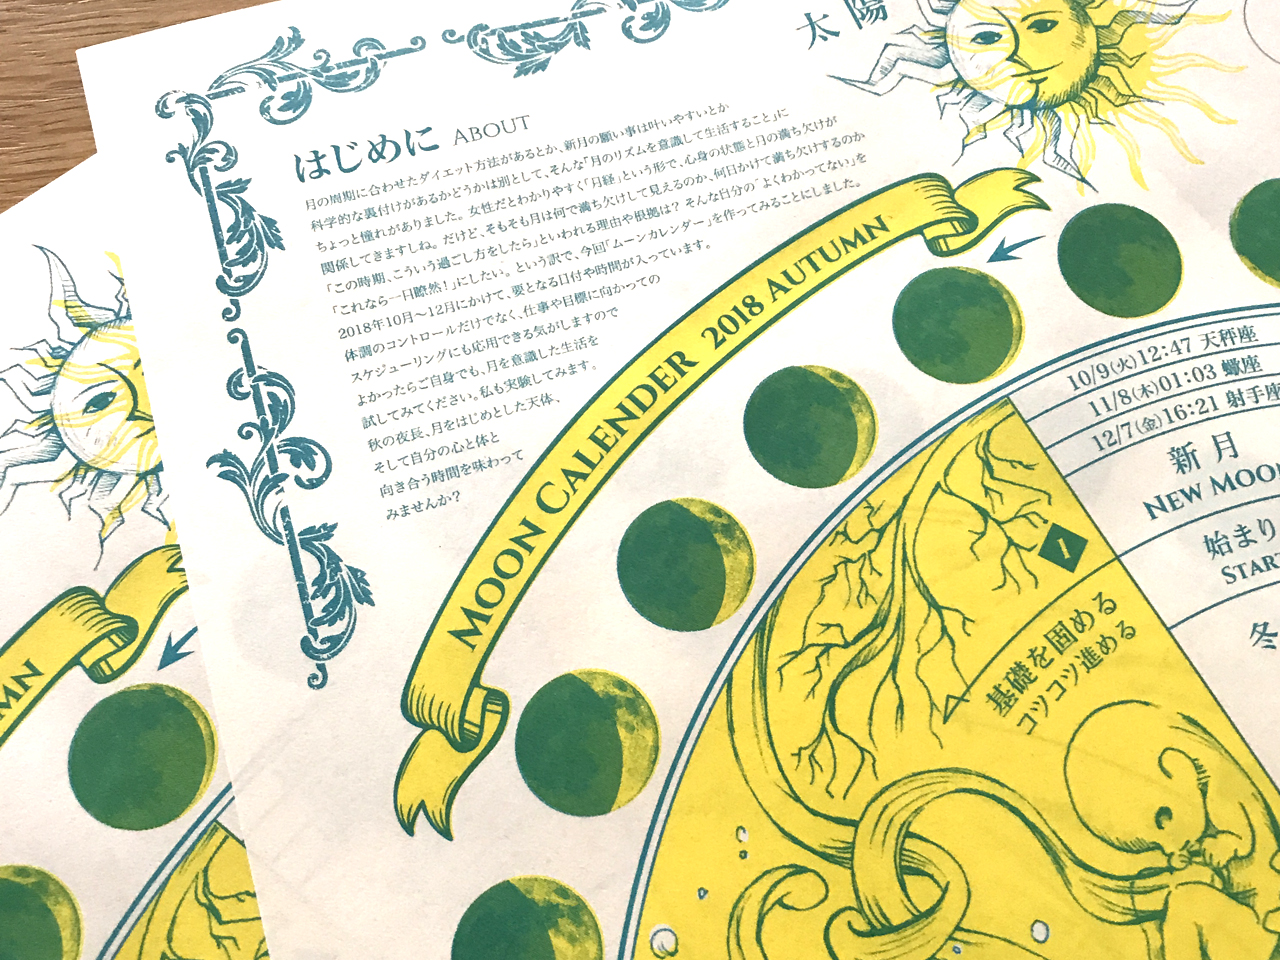 プチギフト+冊子をポストへお届け【 春夏秋冬・秋号 】発送しました!